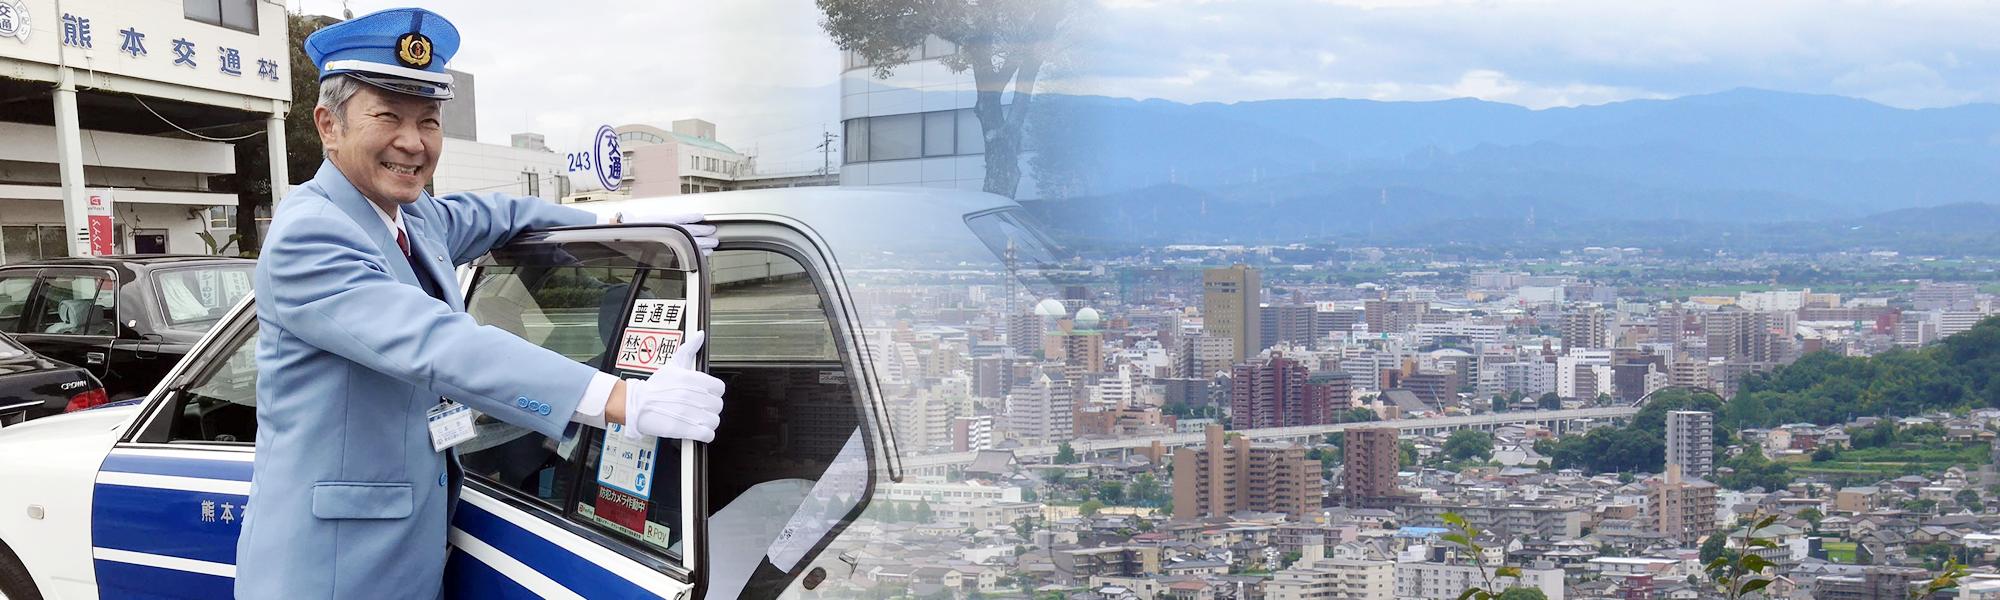 熊本市タクシー乗務員募集 熊本交通タクシー